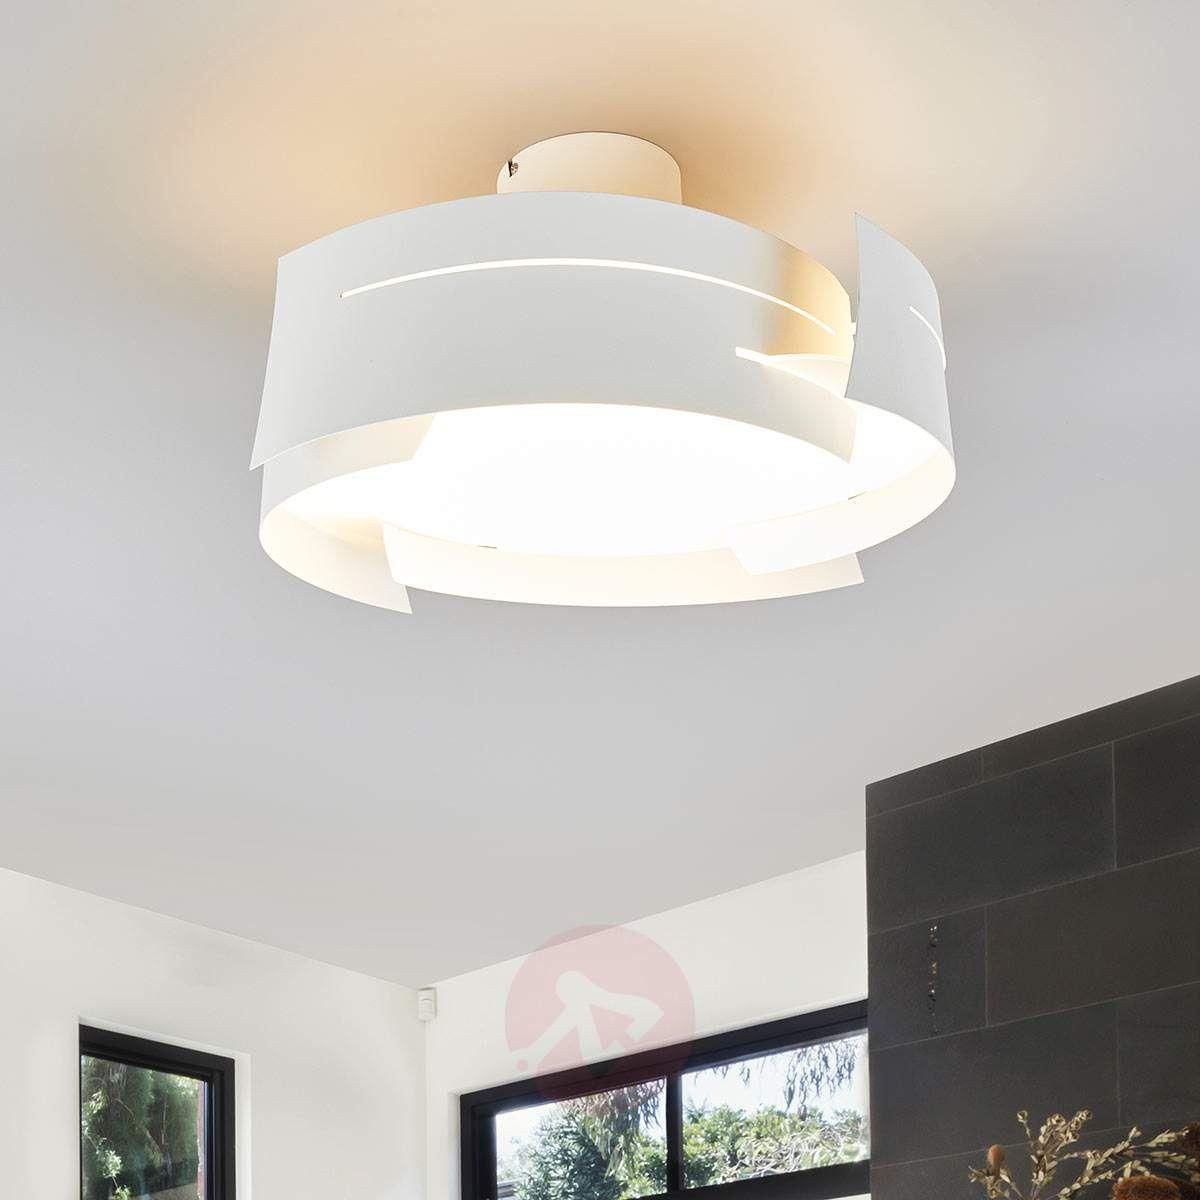 lampa tuba sufitowa | lampa pojedyncza wisząca | sklep lampy